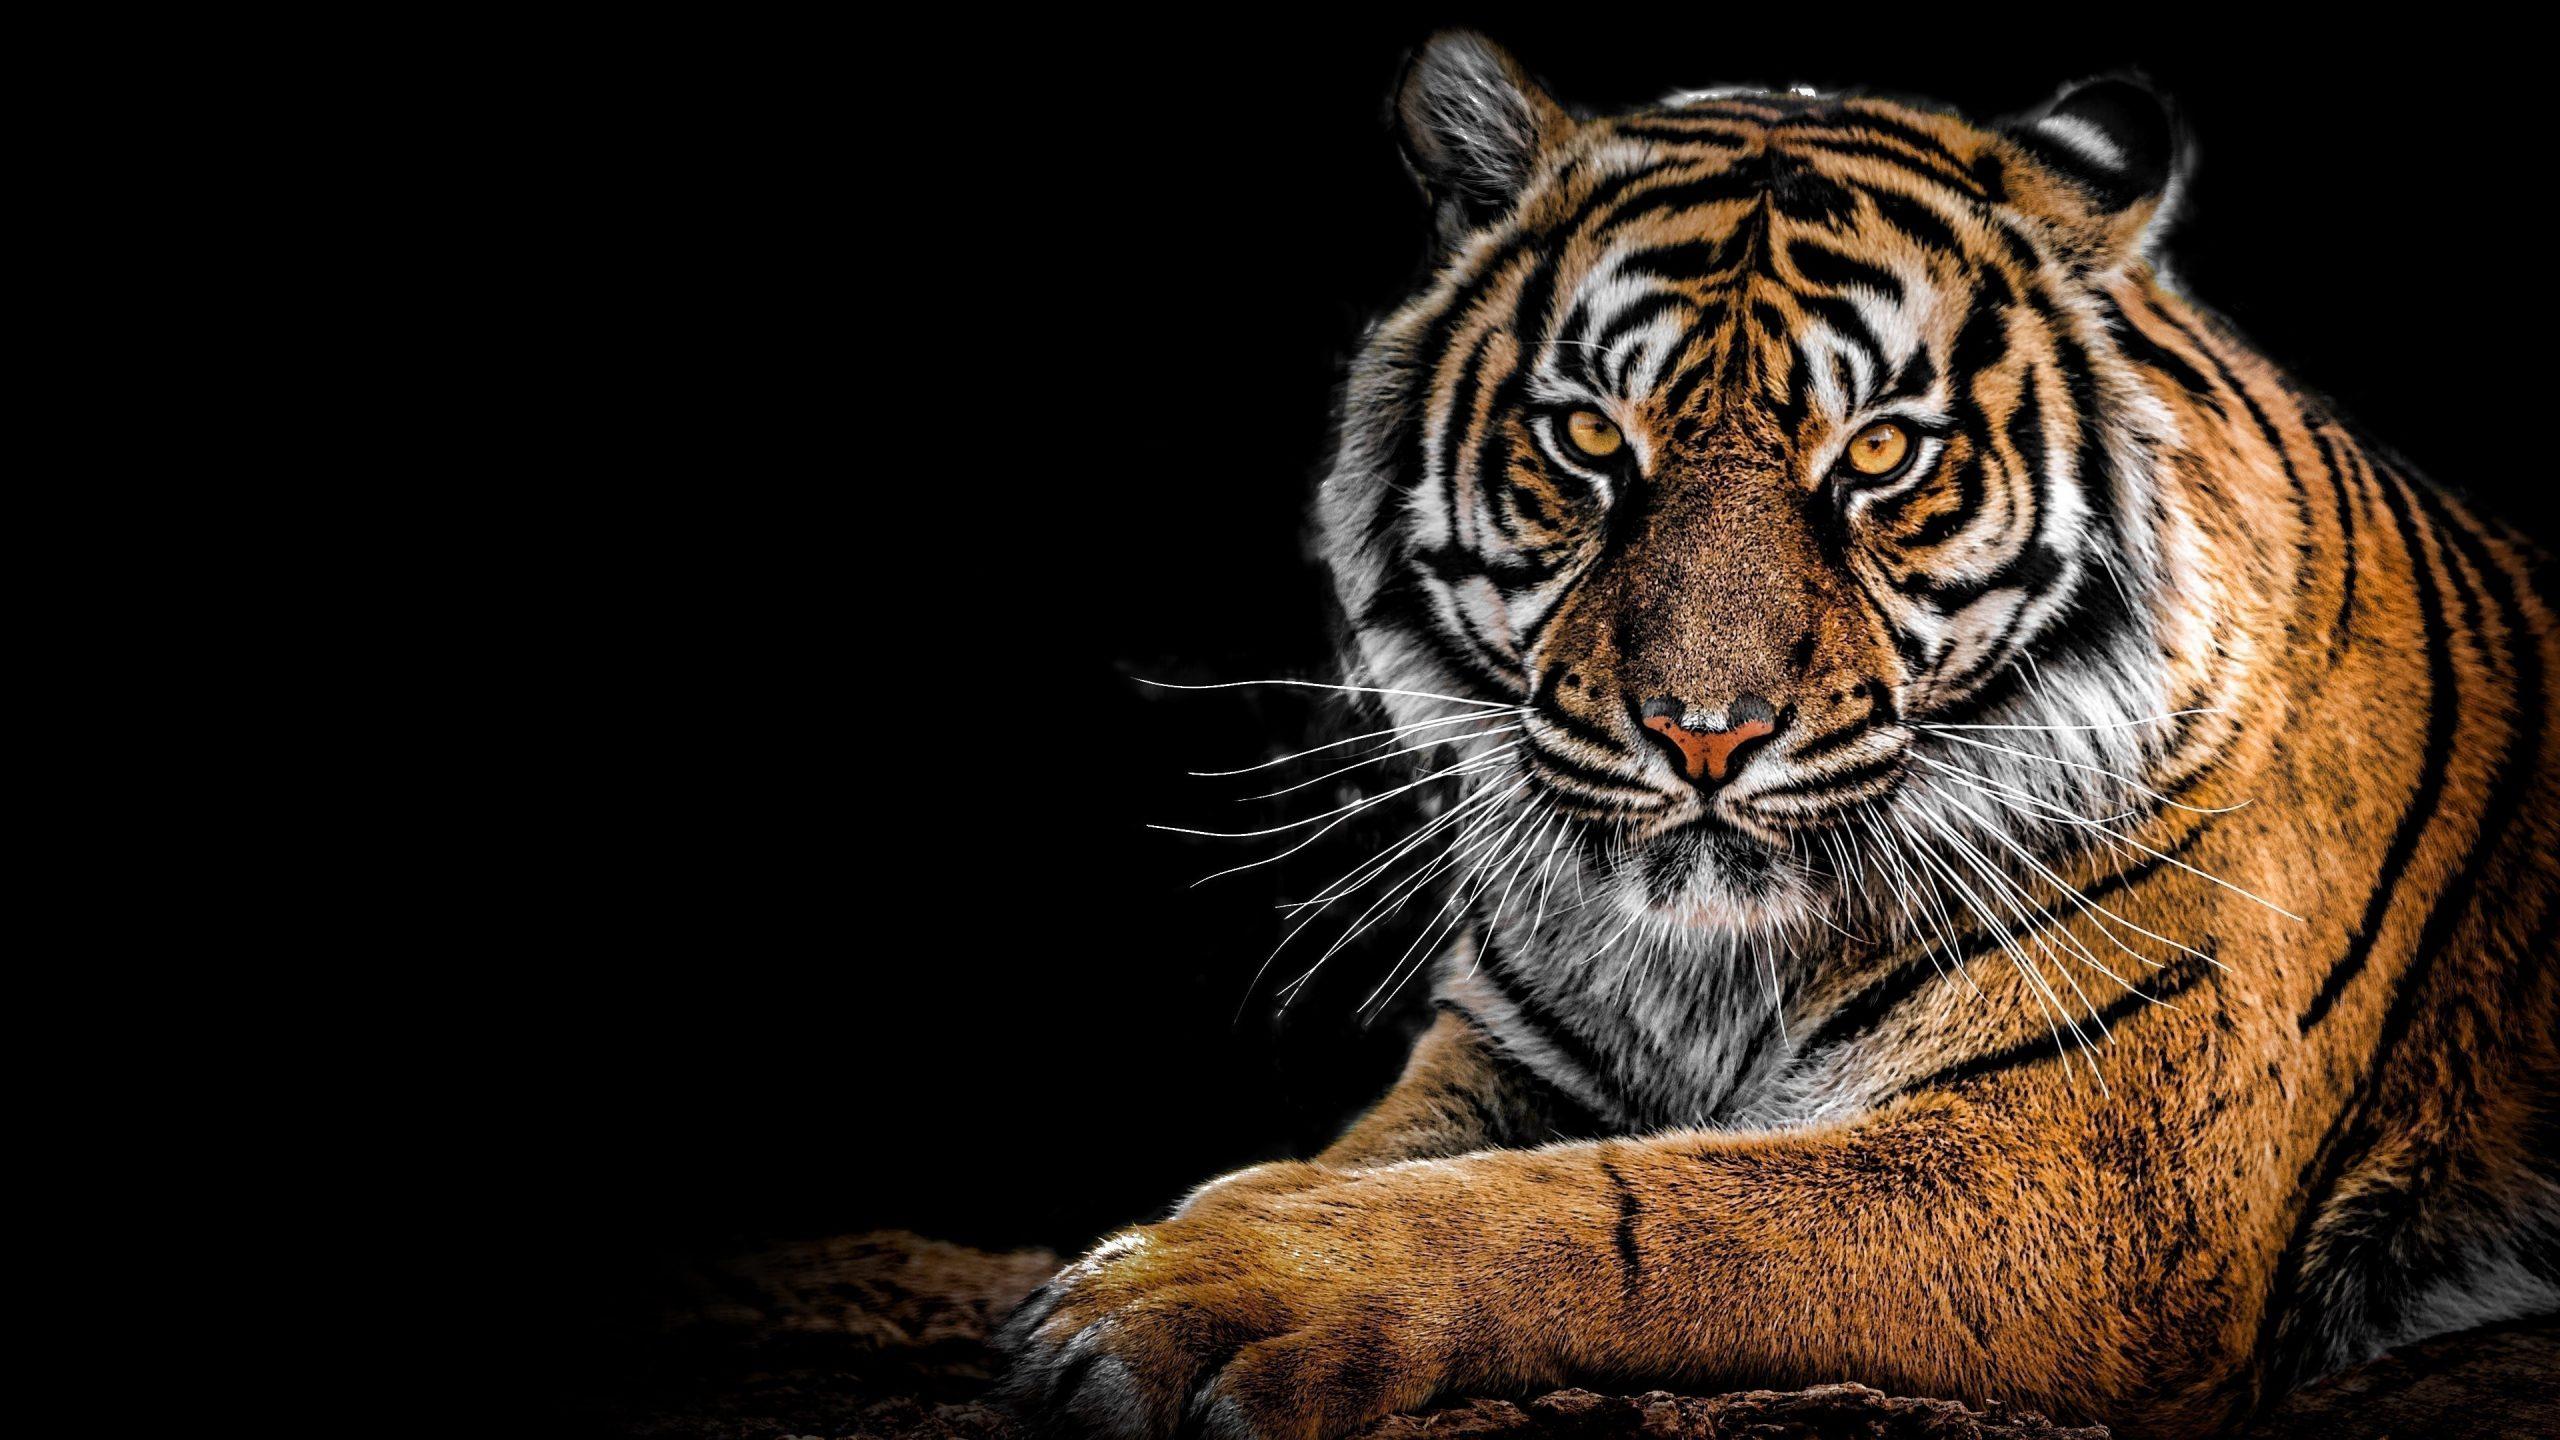 4K Tiger Wallpaper scaled